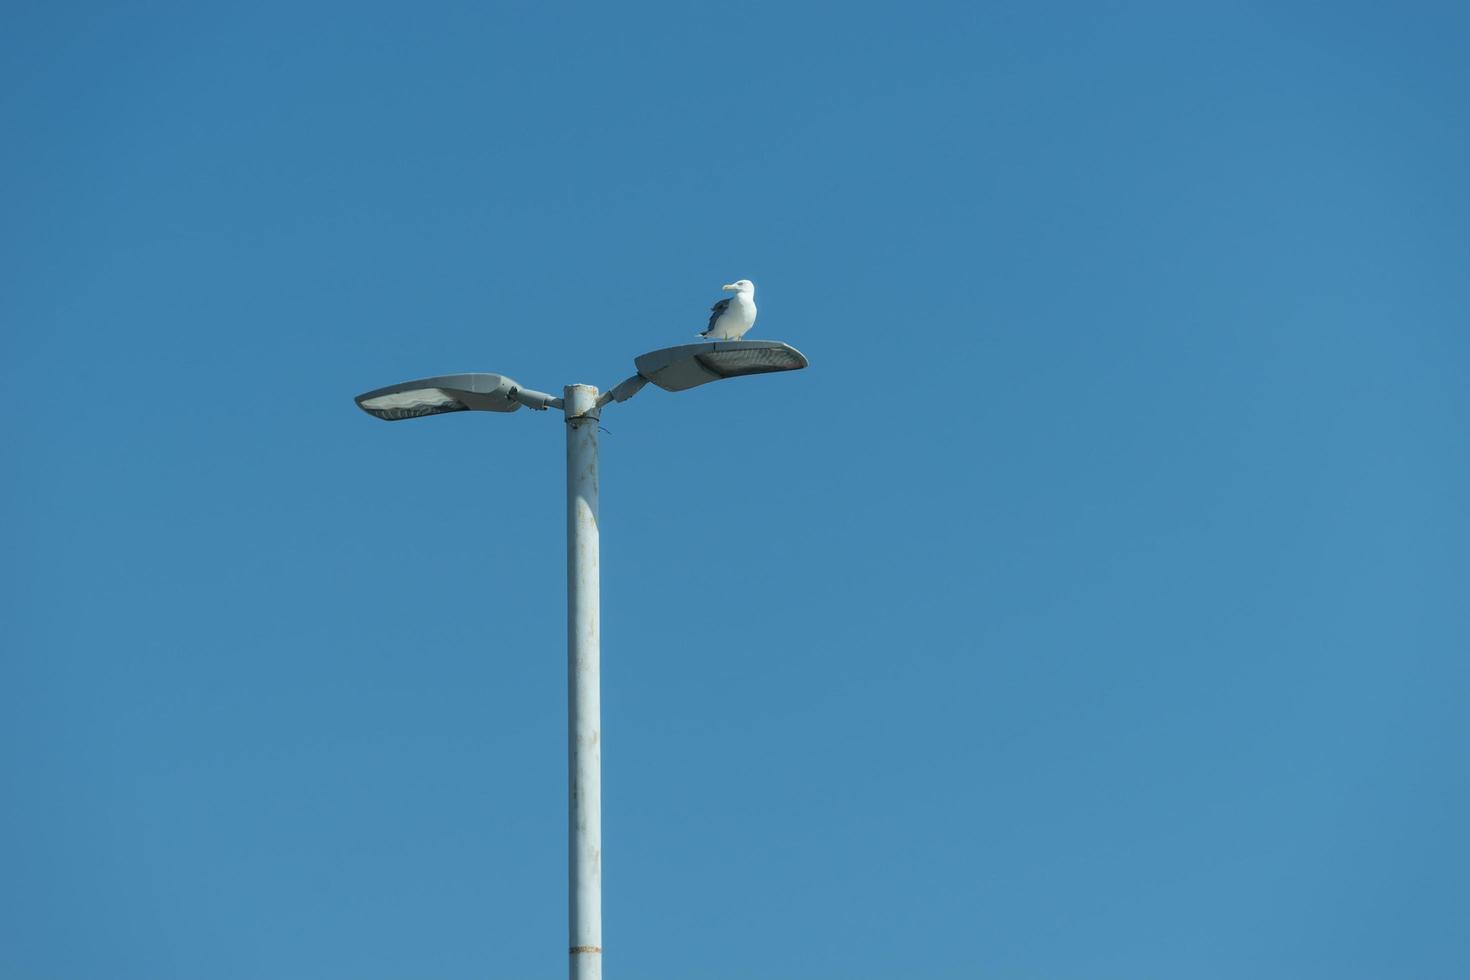 Möwe sitzt auf einem Laternenpfahl auf dem Hintergrund des blauen Meeres foto